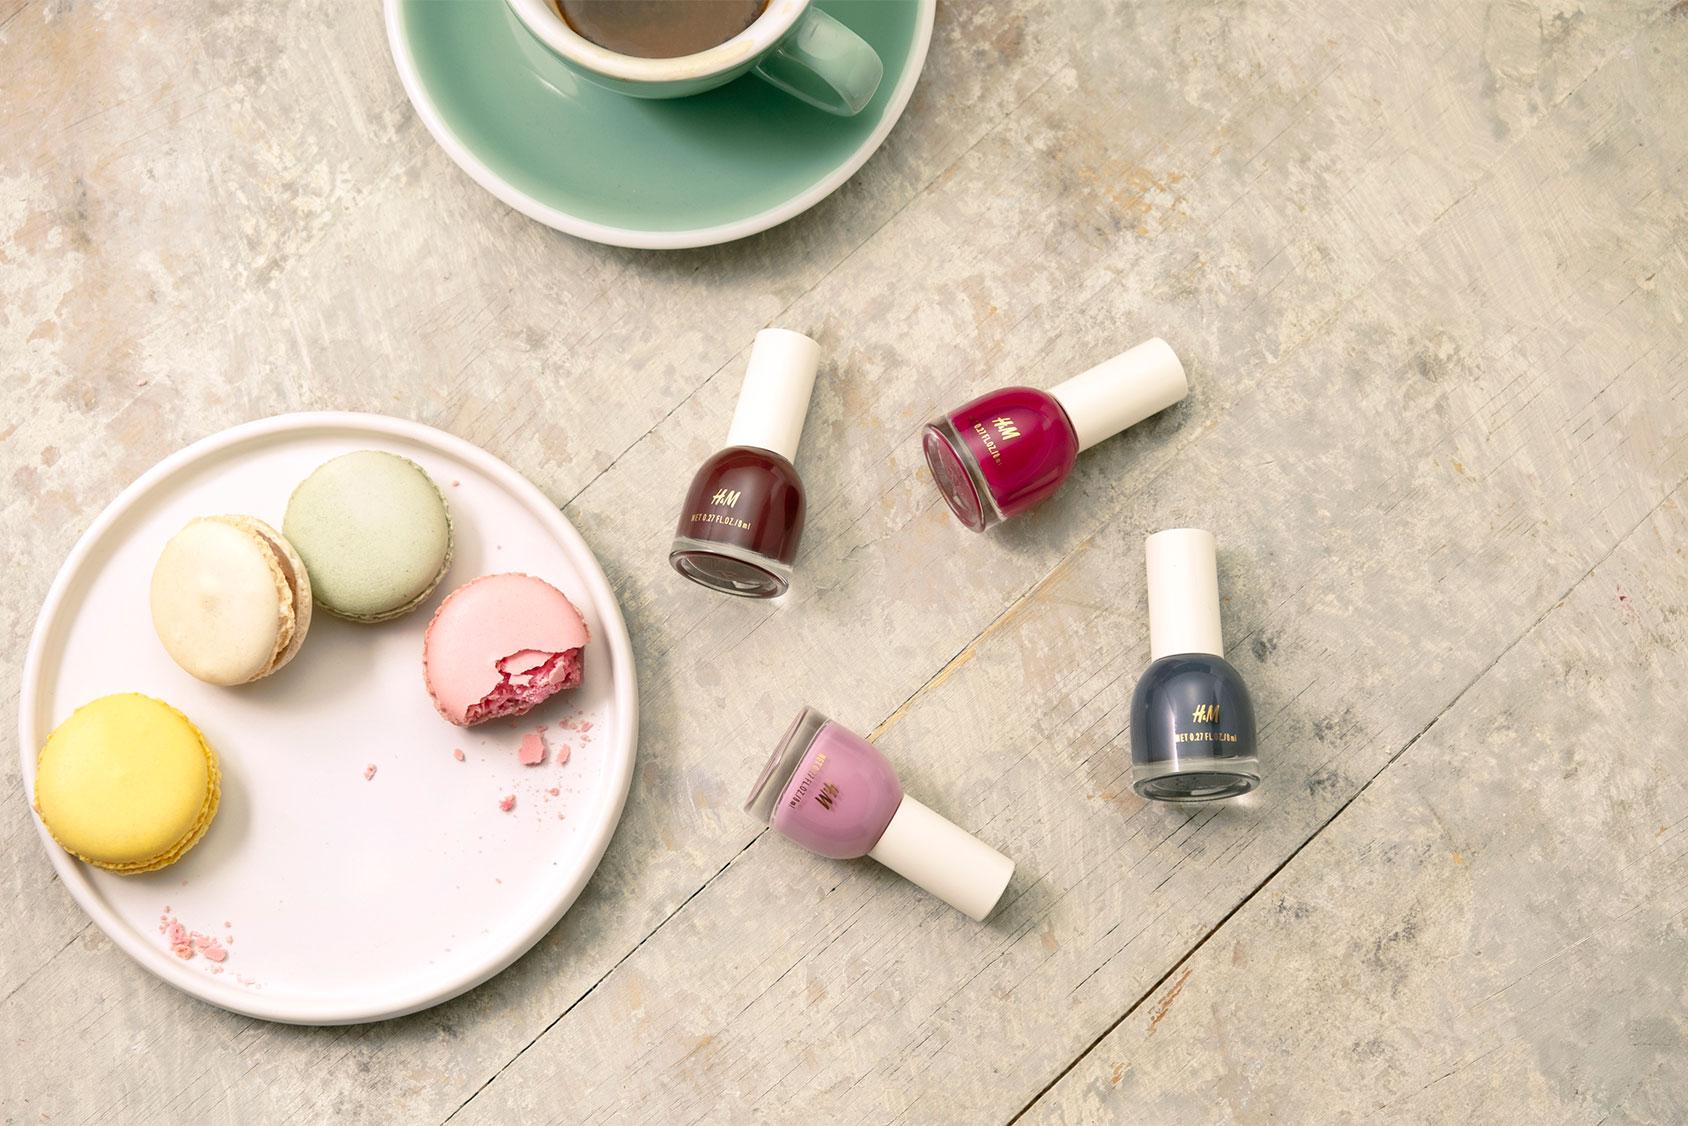 Esmalte de uñas H&M